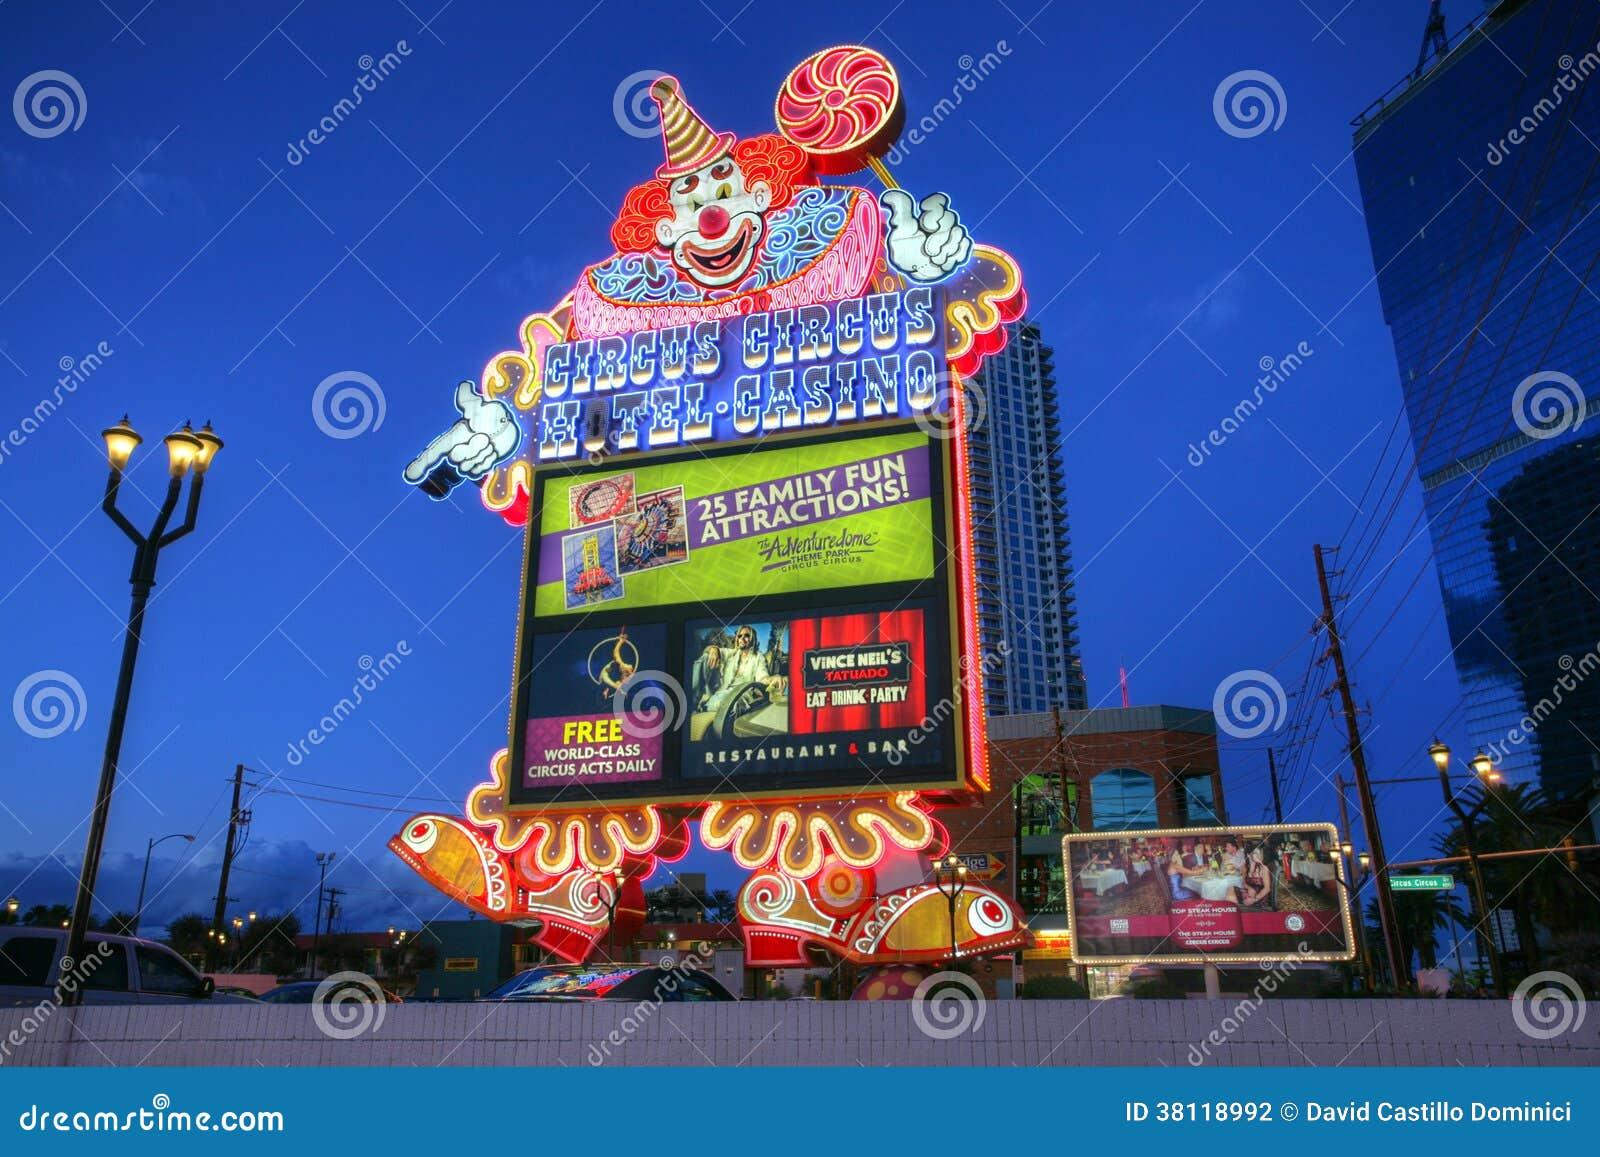 circus casino 20 gratis